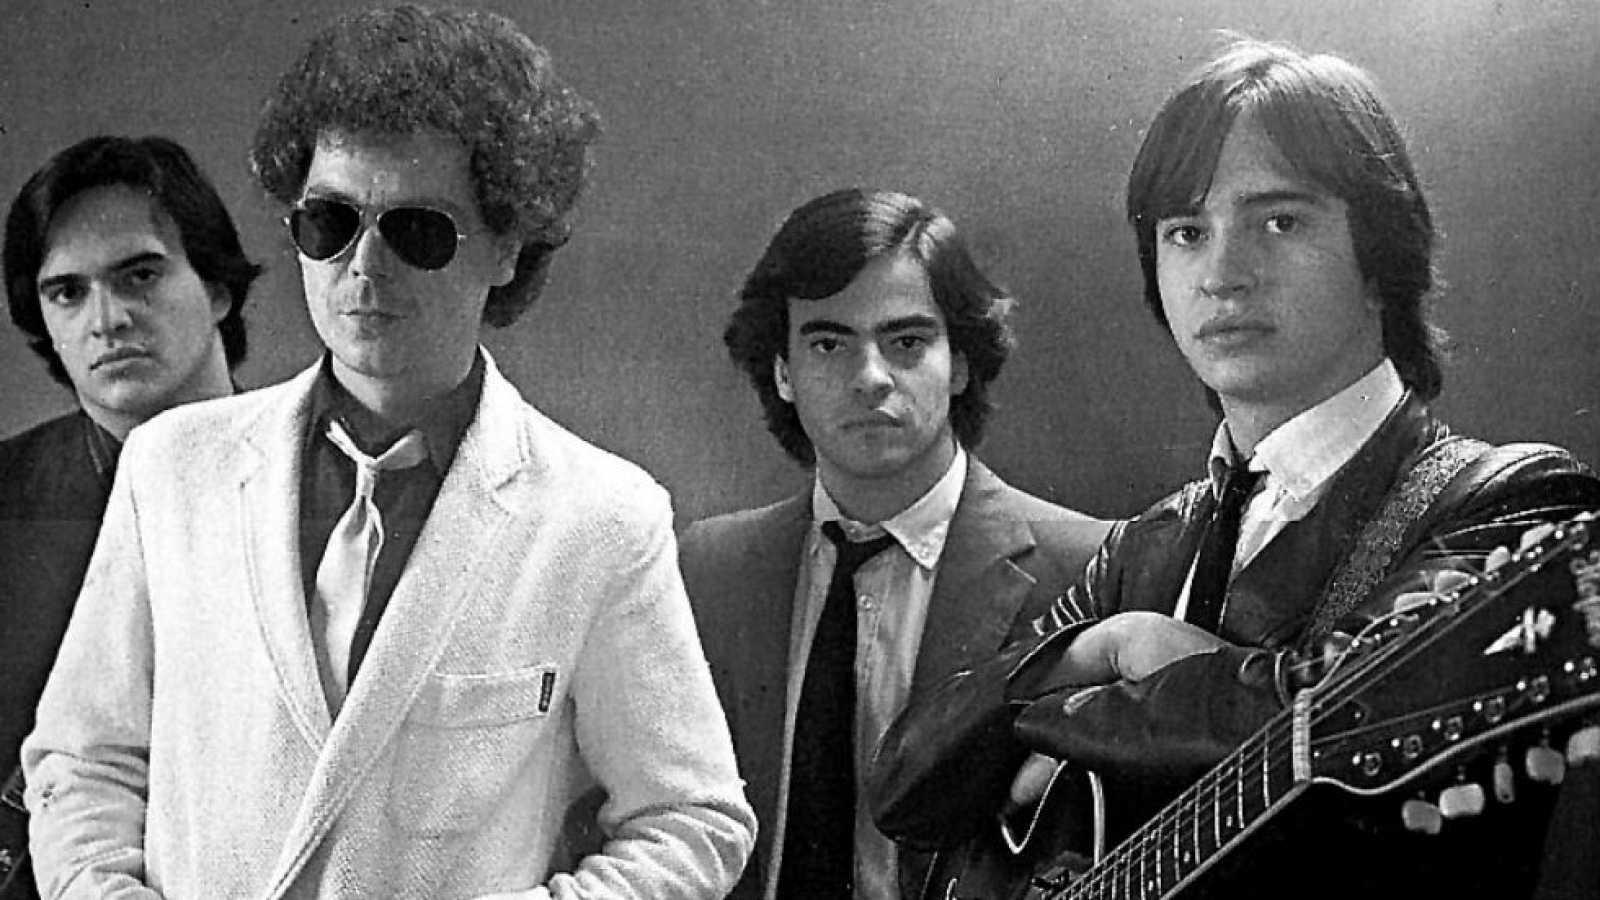 Qué noche la de aquel año - 1980